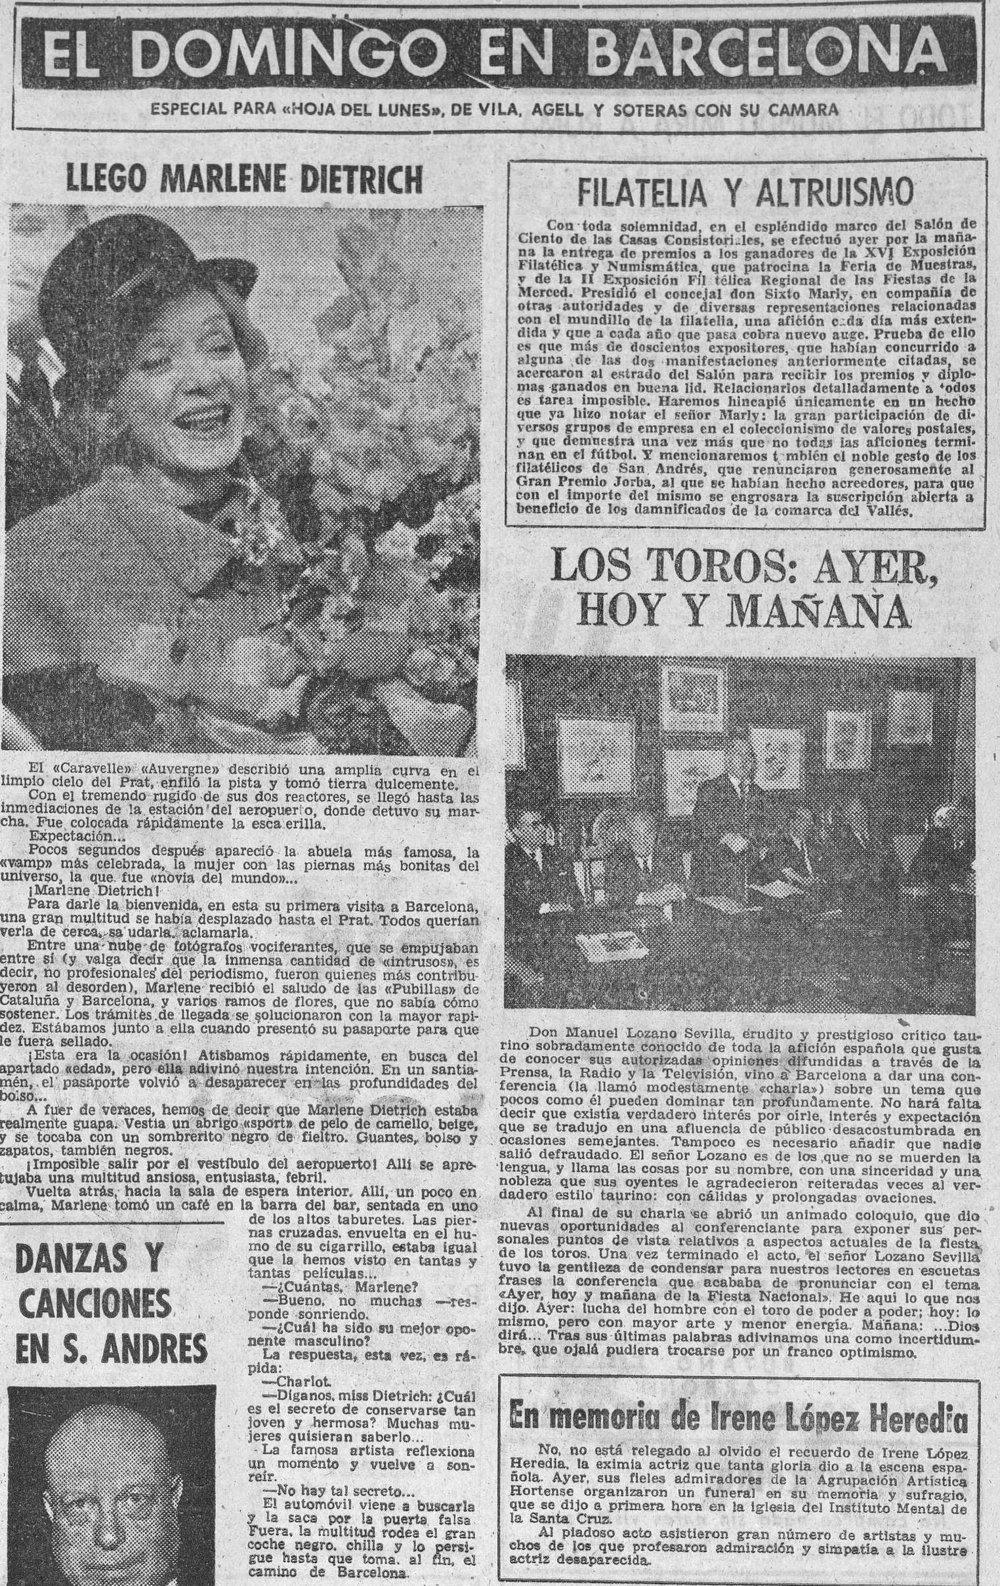 La llegada de Dietrich a Barcelona relatada por  La Hoja del Lunes  (3 de diciembre de 1962)